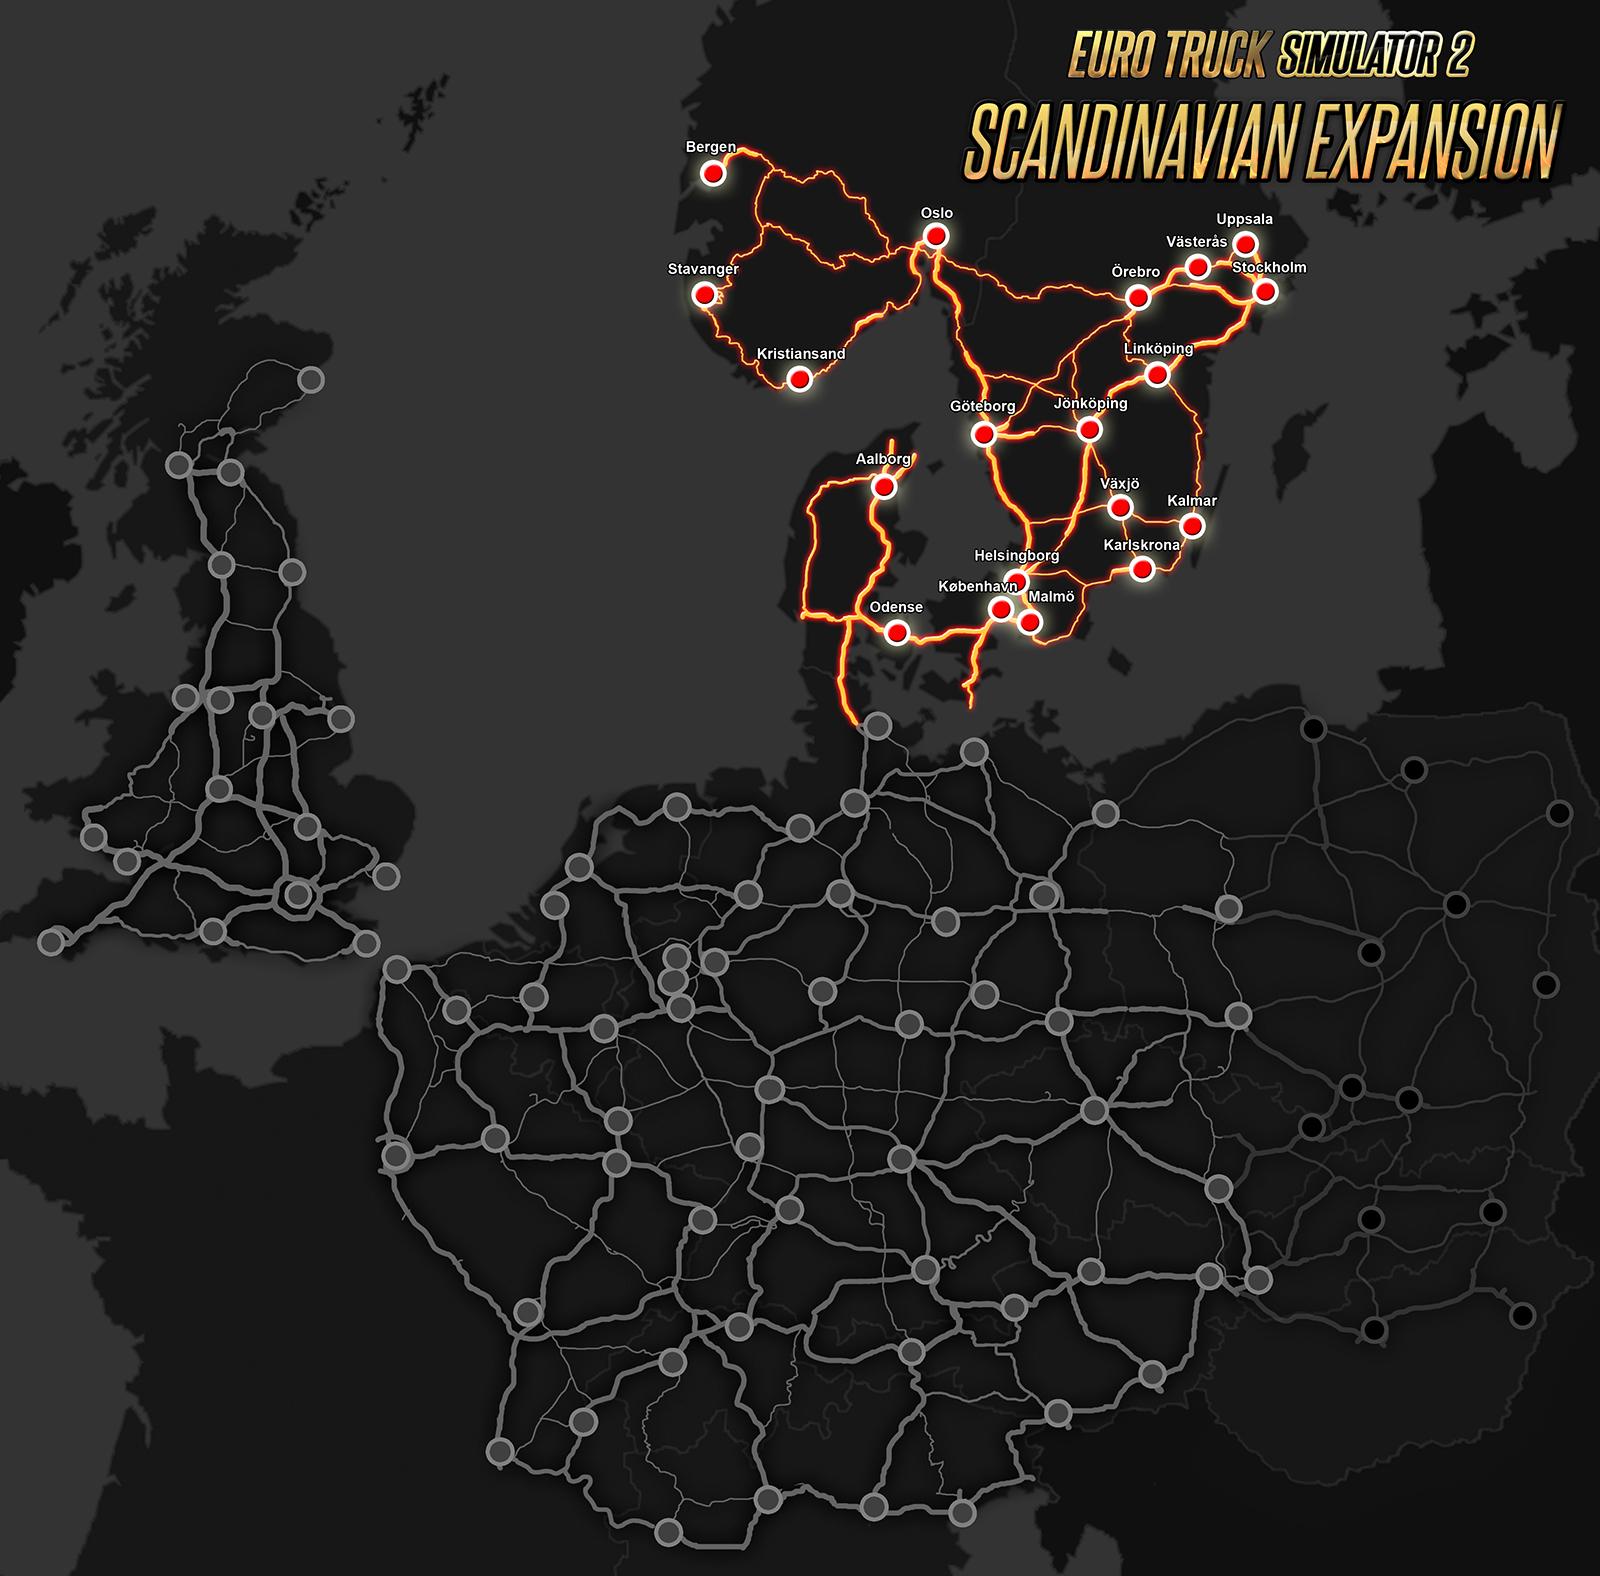 Jak velká bude Skandinávie v Euro Truck Simulator 2? 105427